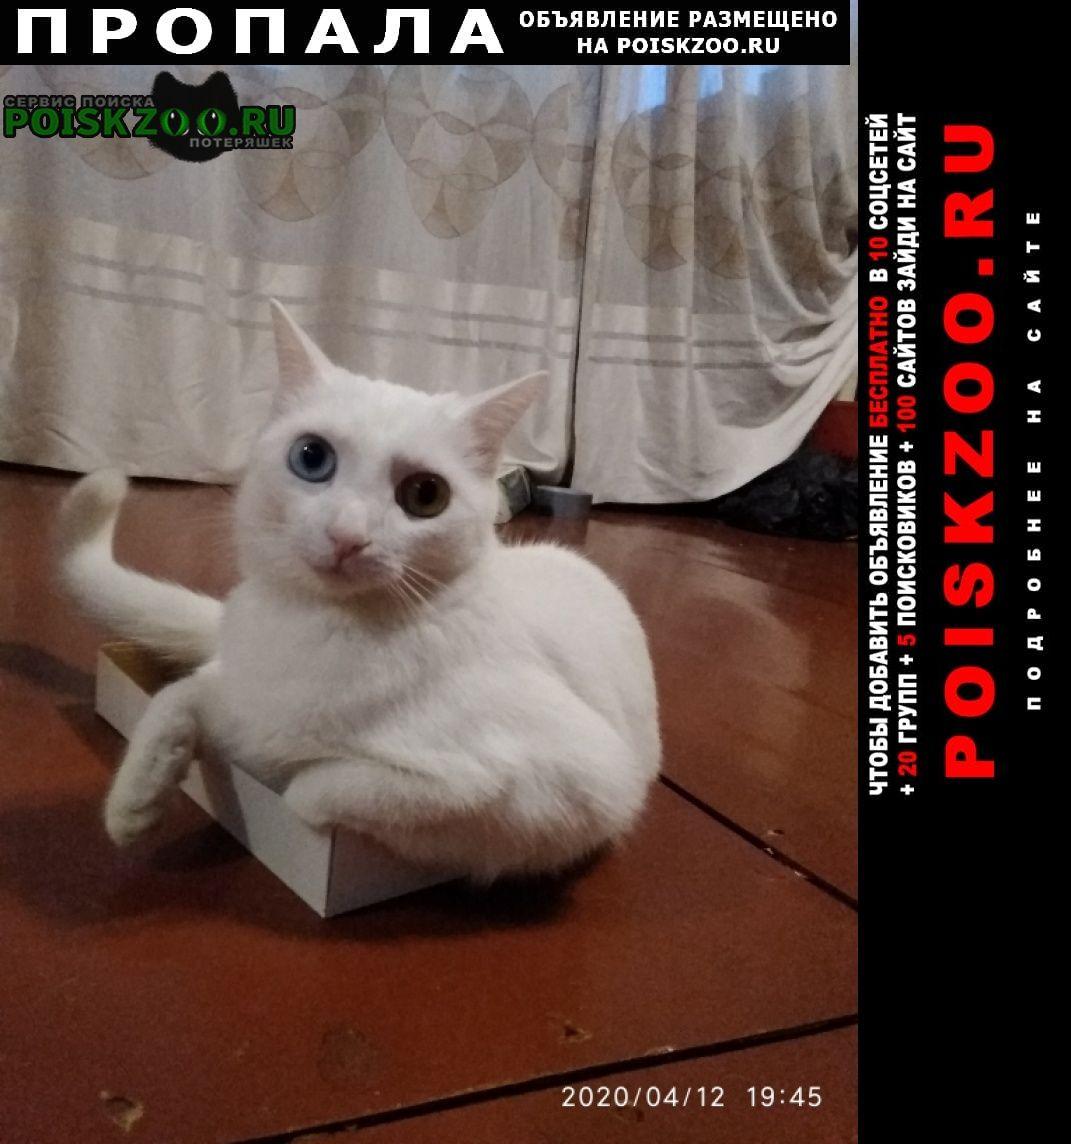 Благовещенск (Амурская обл.) Пропала кошка глаза разного цвета